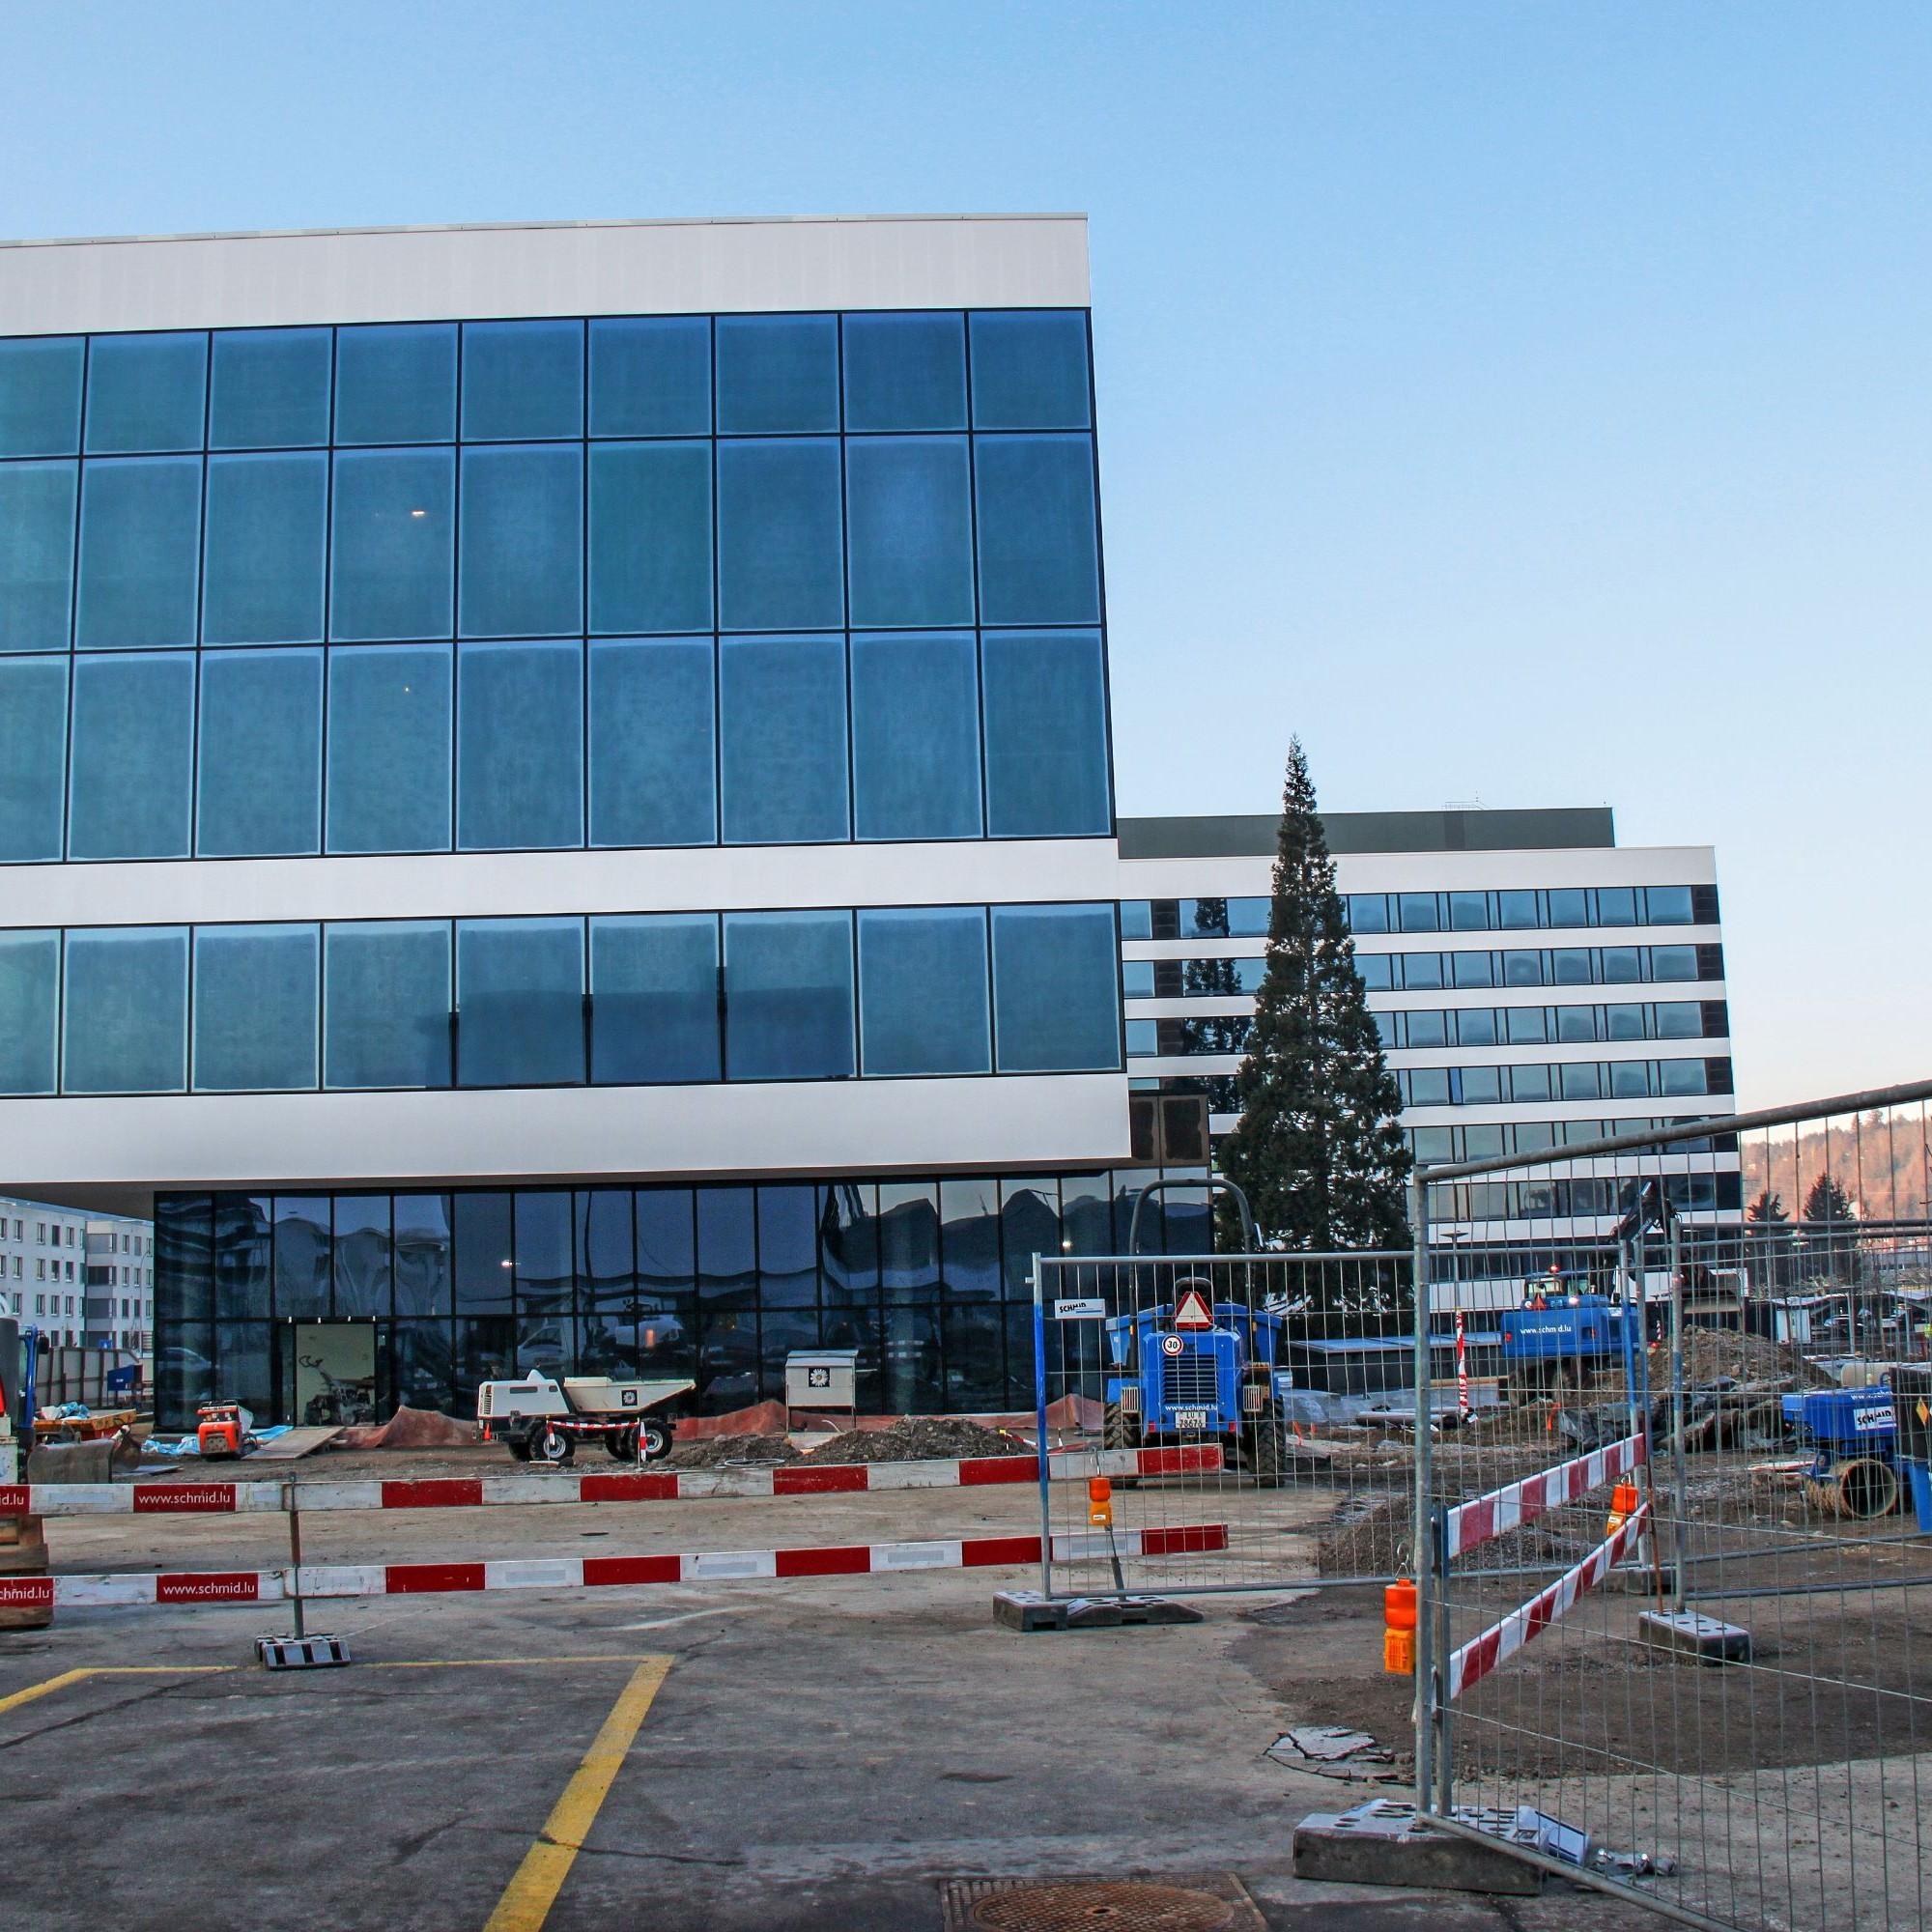 An den Fassaden des Visitor Centers und des Managementgebäudes im Hintergrund wurden kundenspezifische, rahmenlose Photovoltaikelemente angebracht.